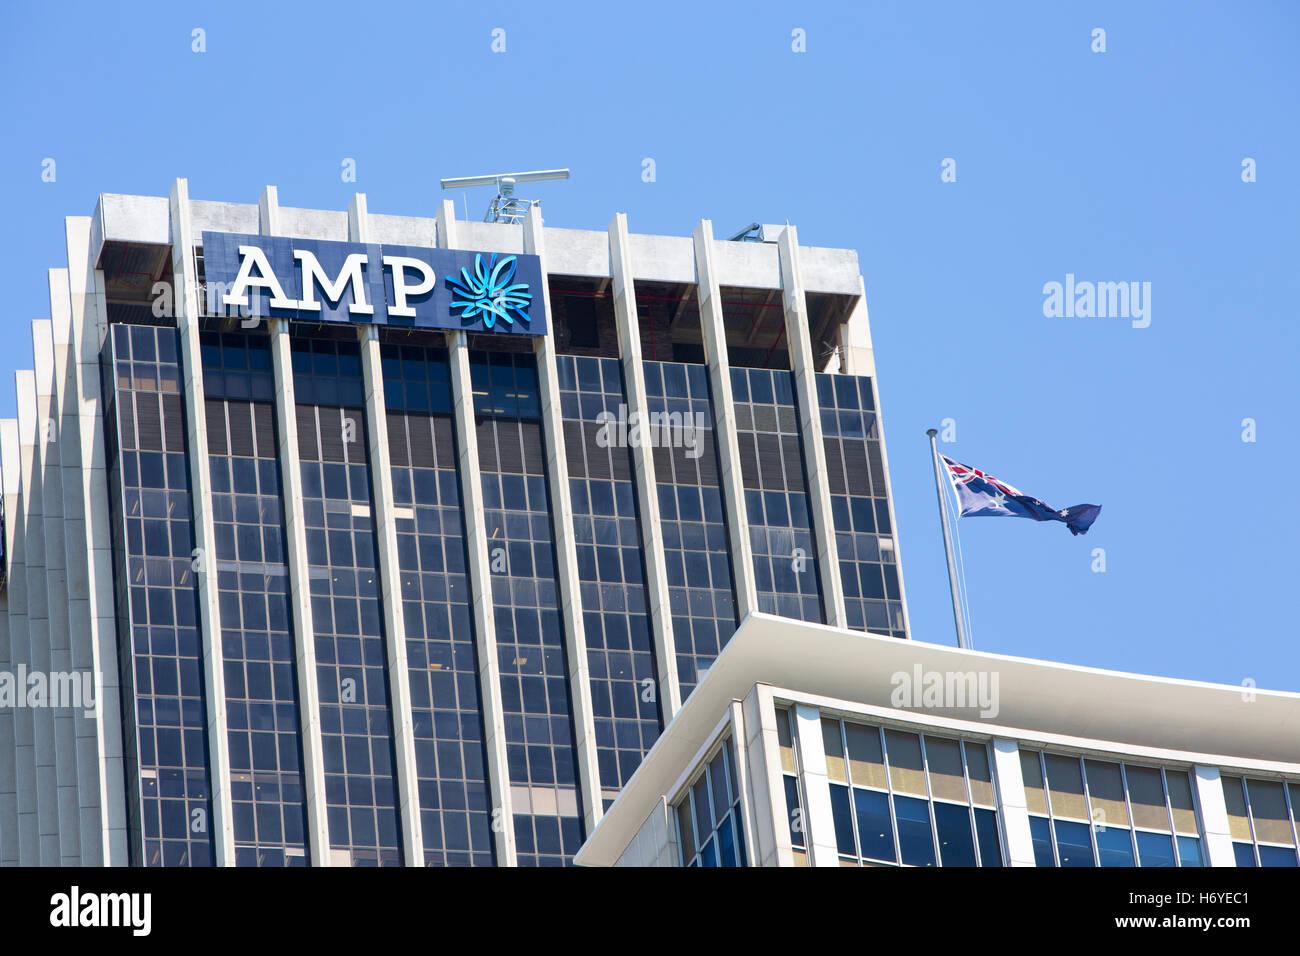 AMP es una empresa de servicios financieros en Australia y Nueva Zelanda, con la jubilación y productos de inversión, Foto de stock